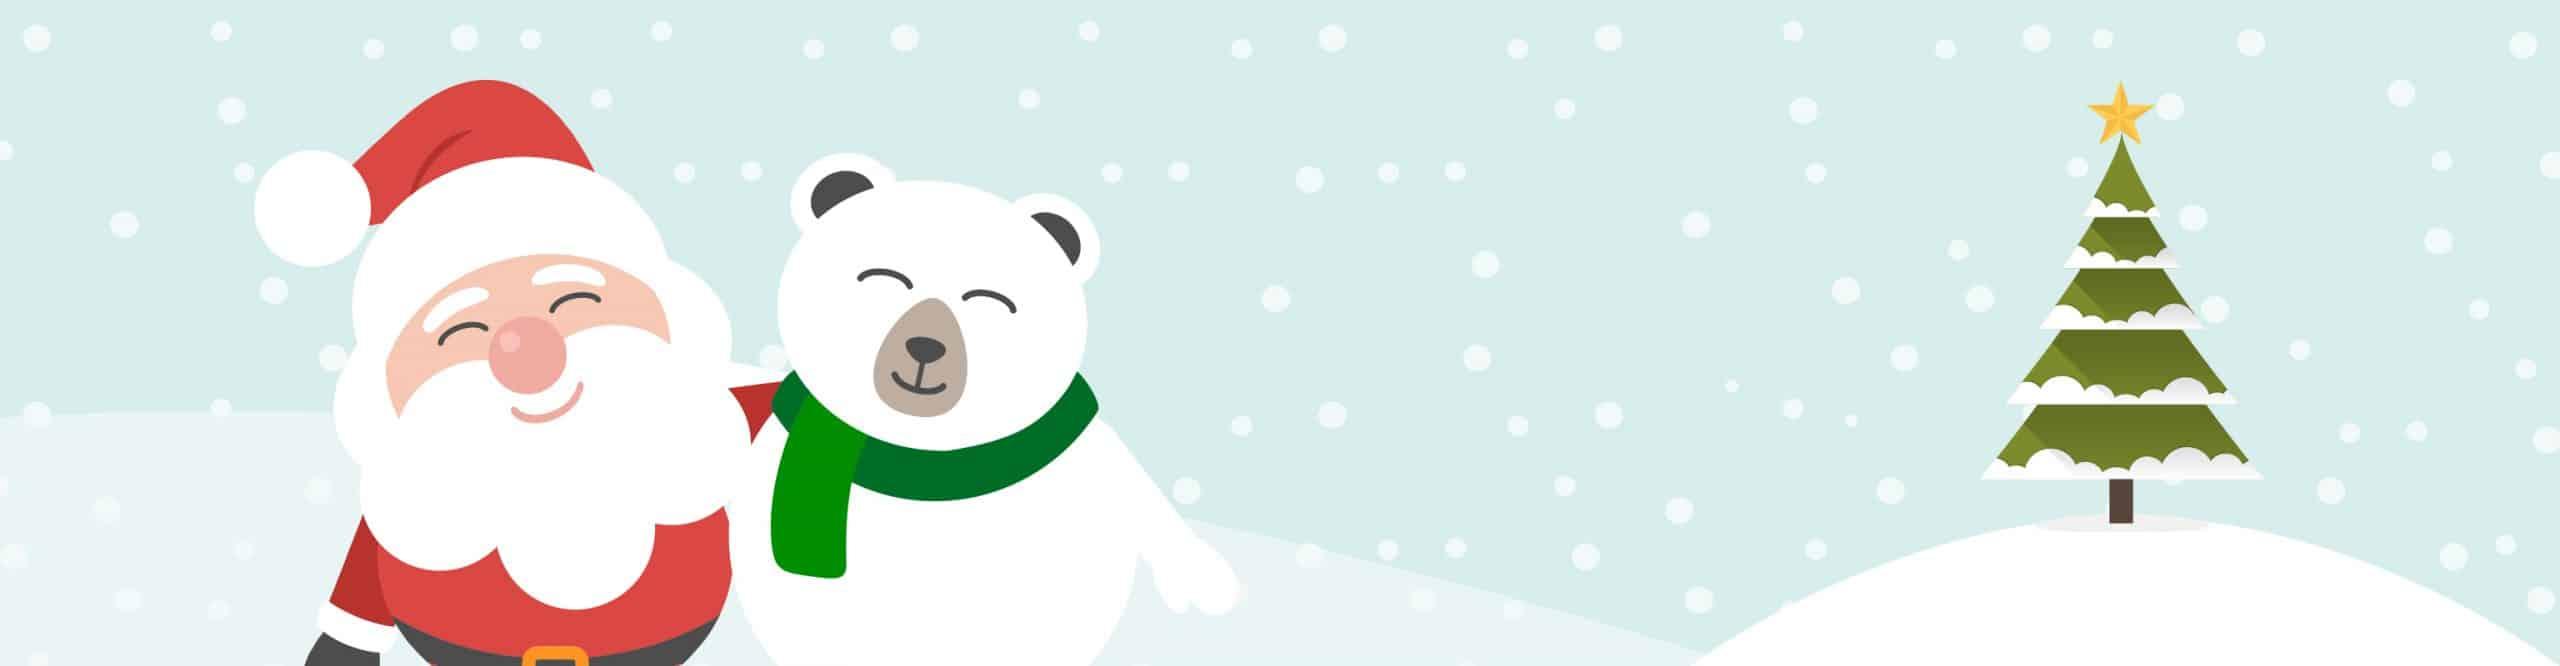 Visste du disse 7 tingene om julen Banner 02 - CasinoTopp